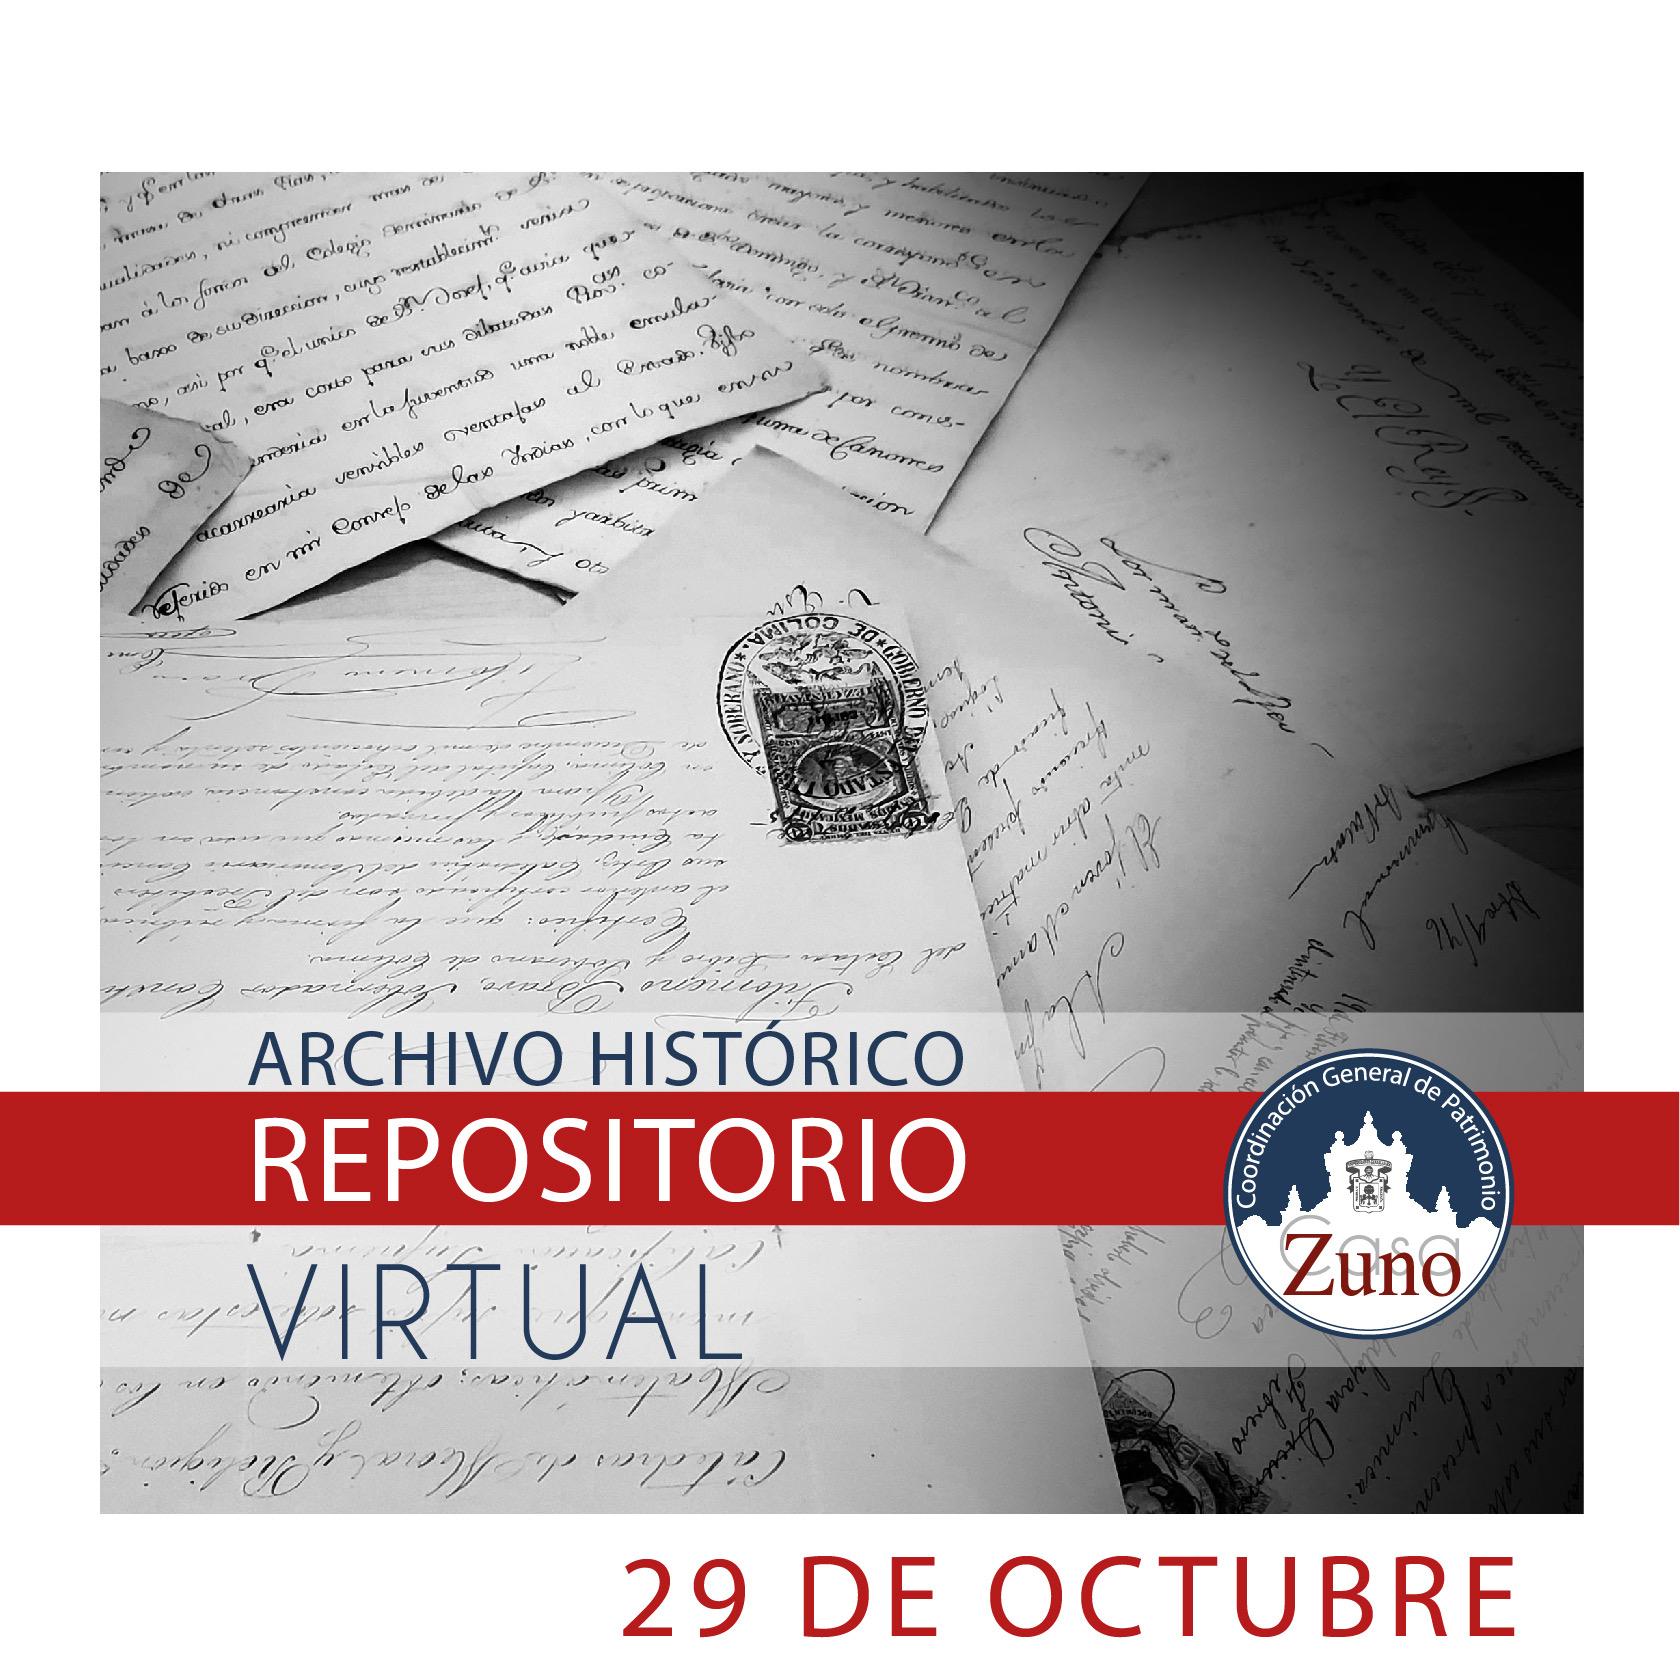 La Coordinación General de Patrimonio invita a investigadores, docentes y estudiantes a consultar gratuitamente documentos que datan desde 1792